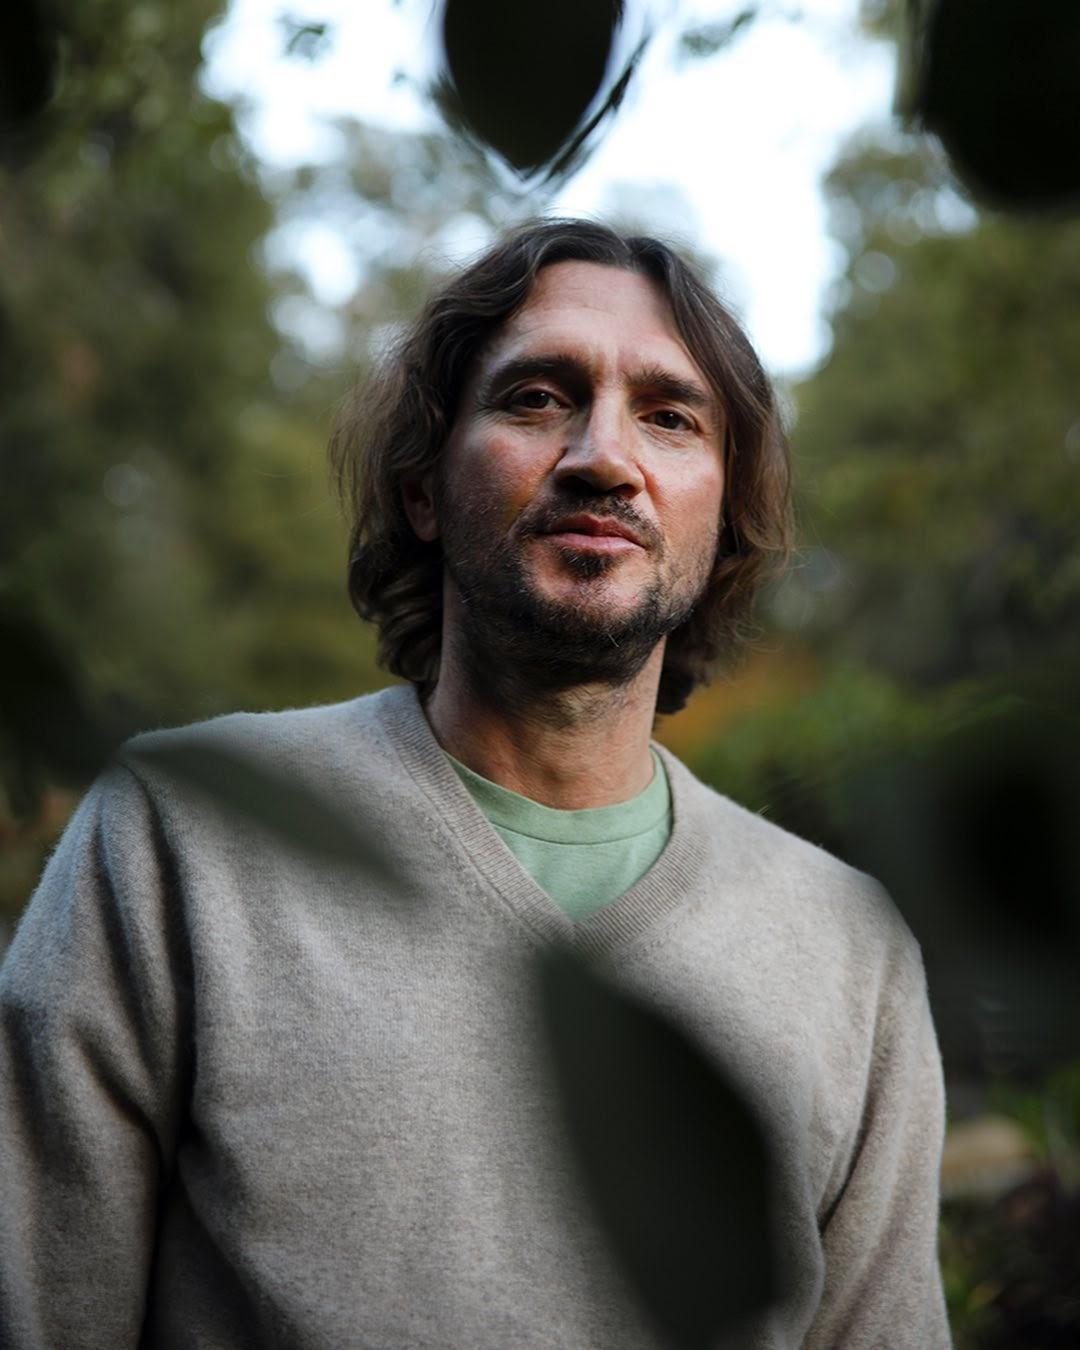 Red Hot Chili Peppers: Frusciante is back - Página 12 0M-GpiQwTYkWUIwl-kRlZn8RZnCWkP54L8kxRW-vv1nJ4IXyNya8H4l4xhksZqj7Es1Ukqv7uA4GaQ=s1350-nd